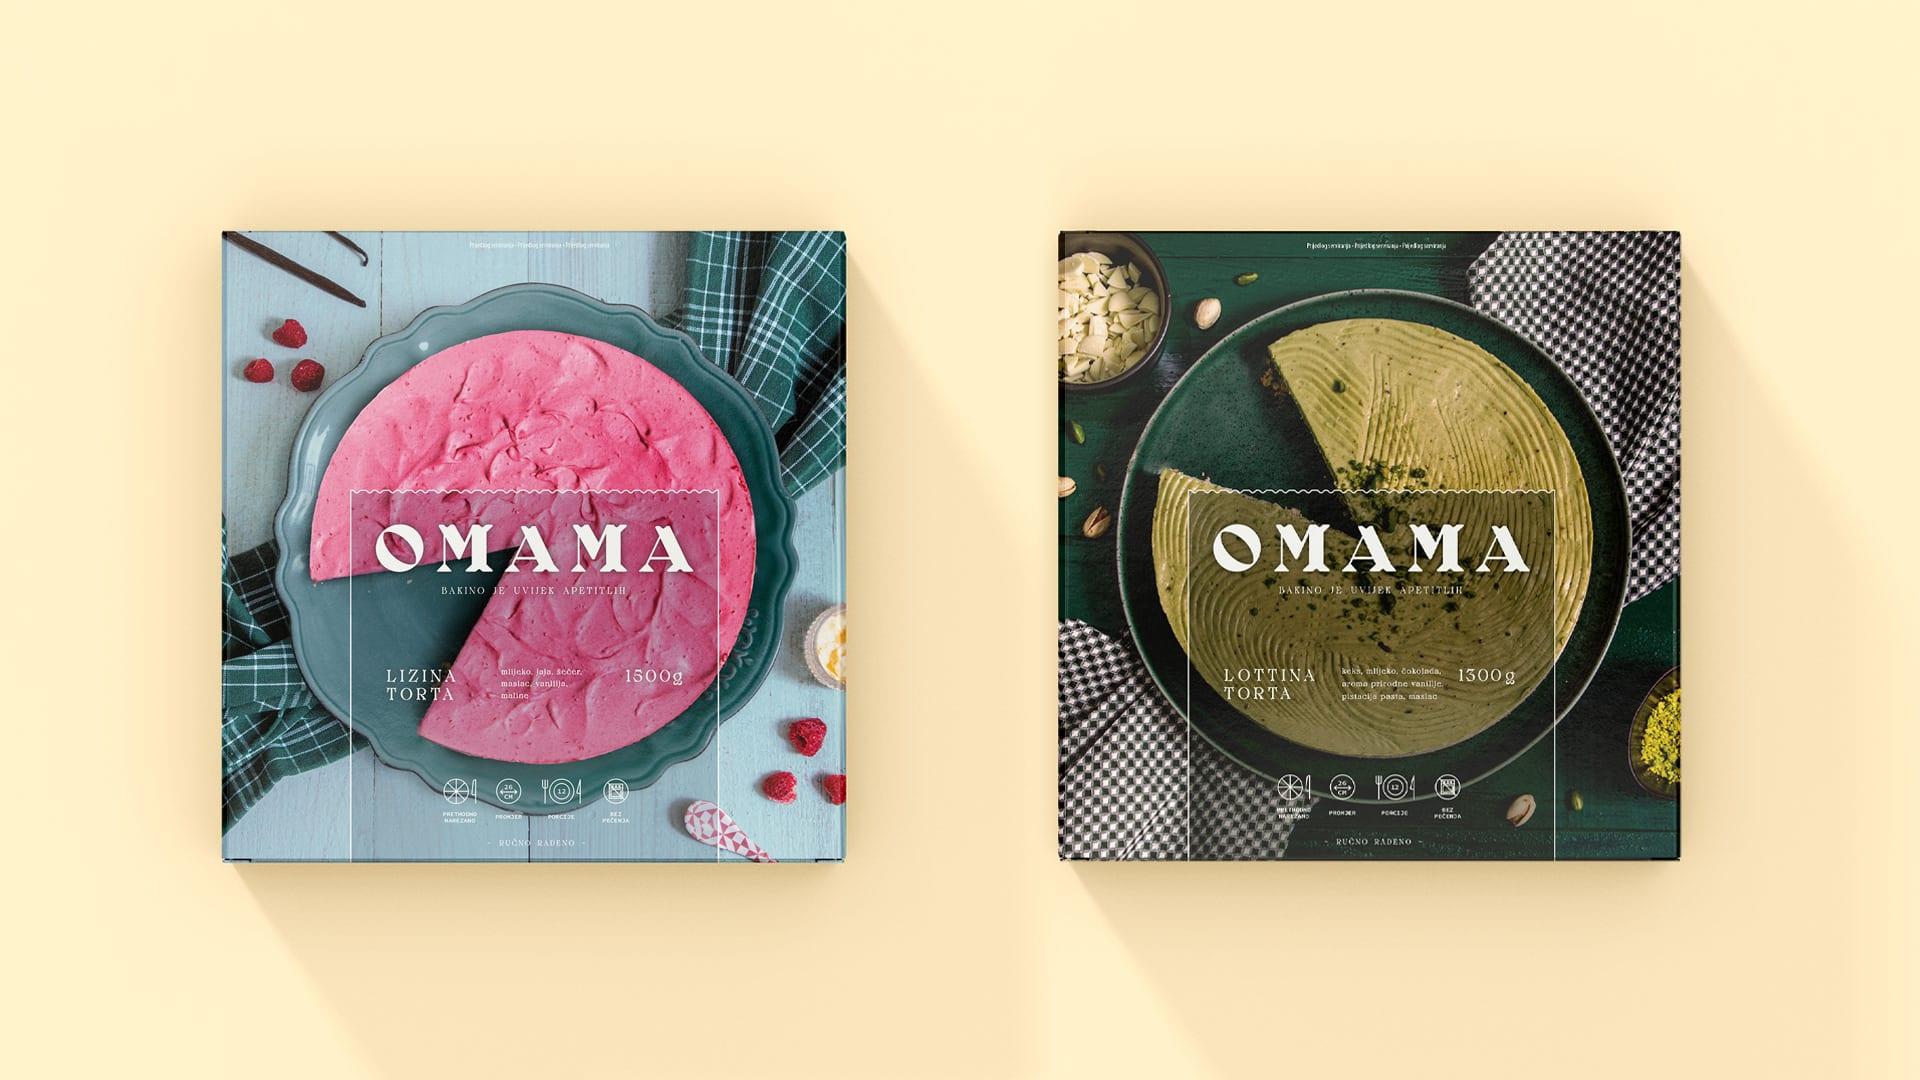 Omama-Amélie-gastro-modnialmanah